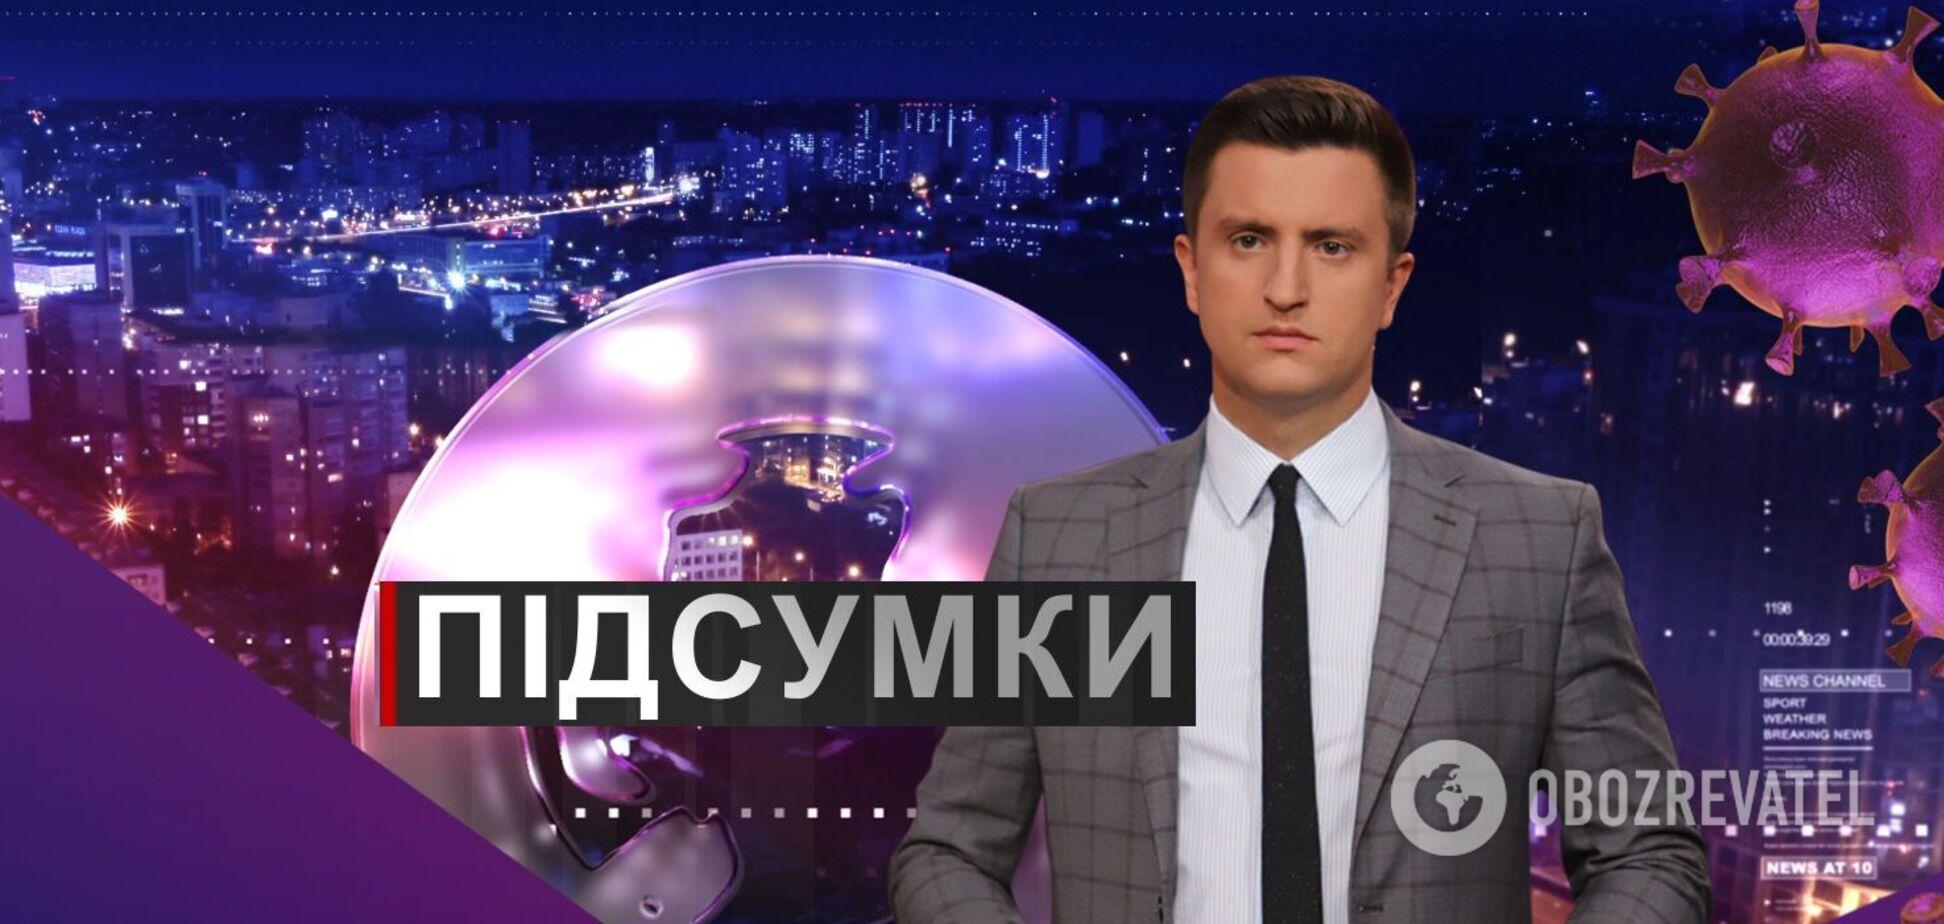 Підсумки дня з Вадимом Колодійчуком. Понеділок, 2 листопада